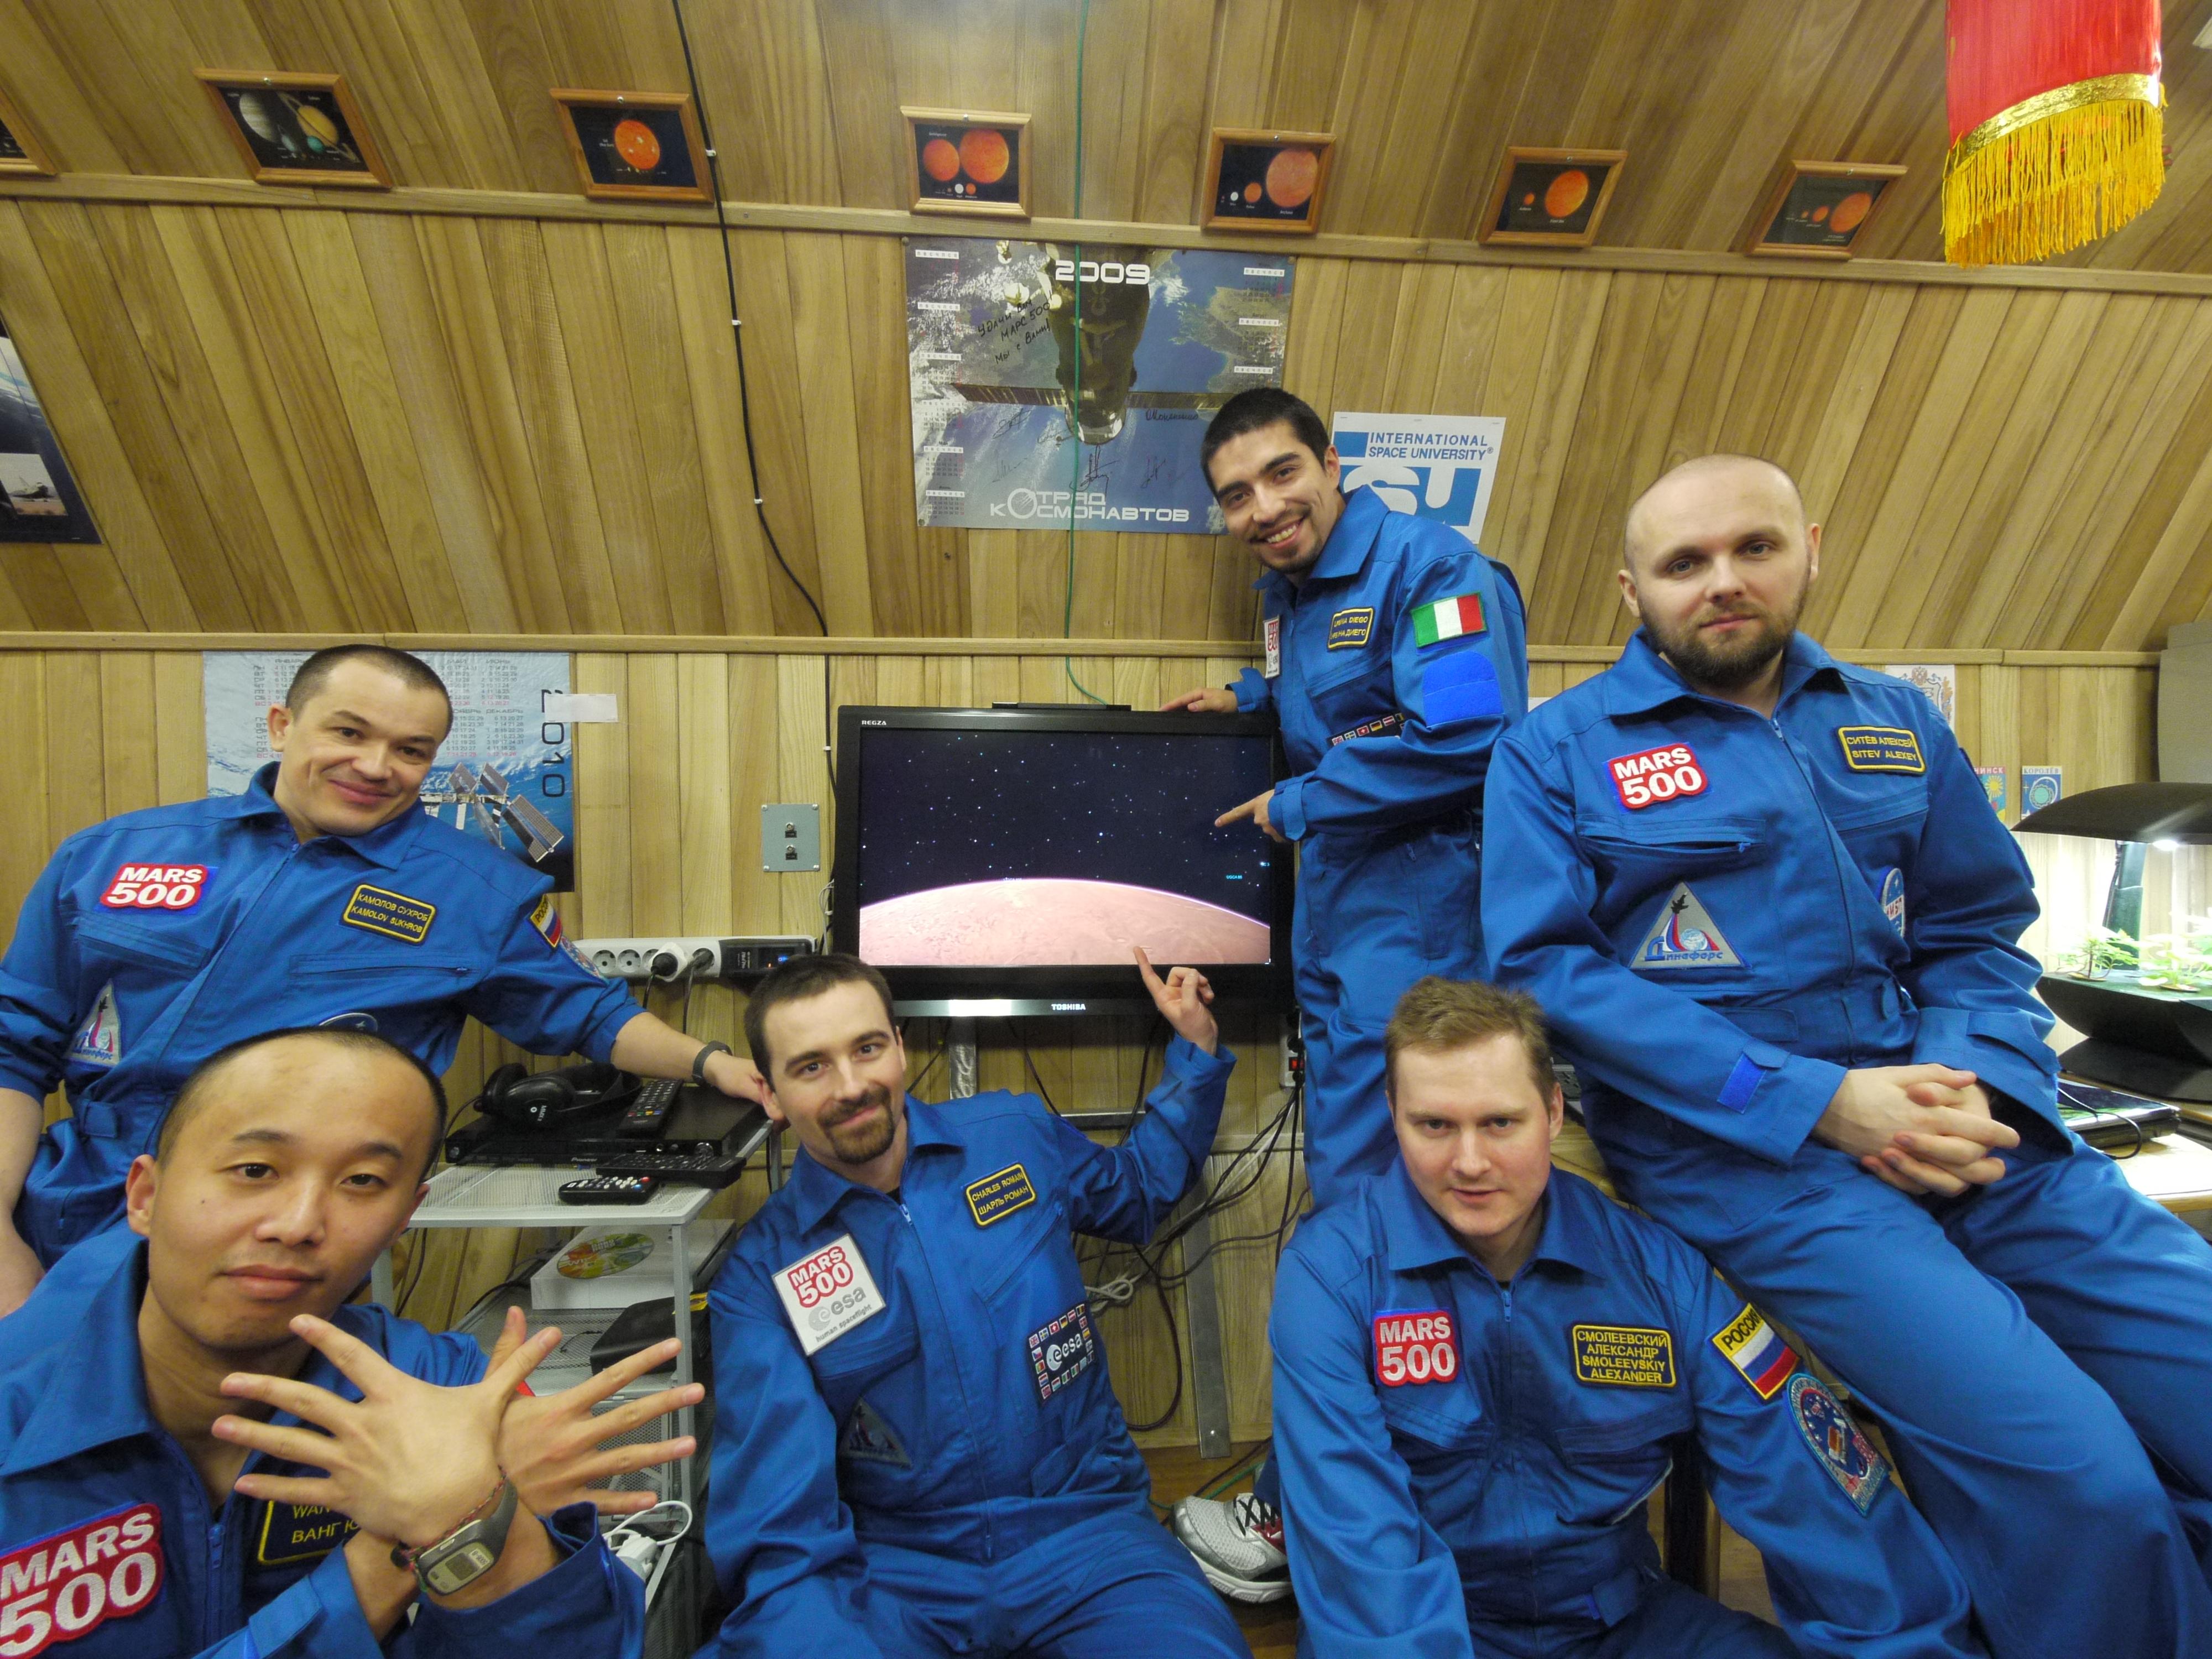 Mars500-crew